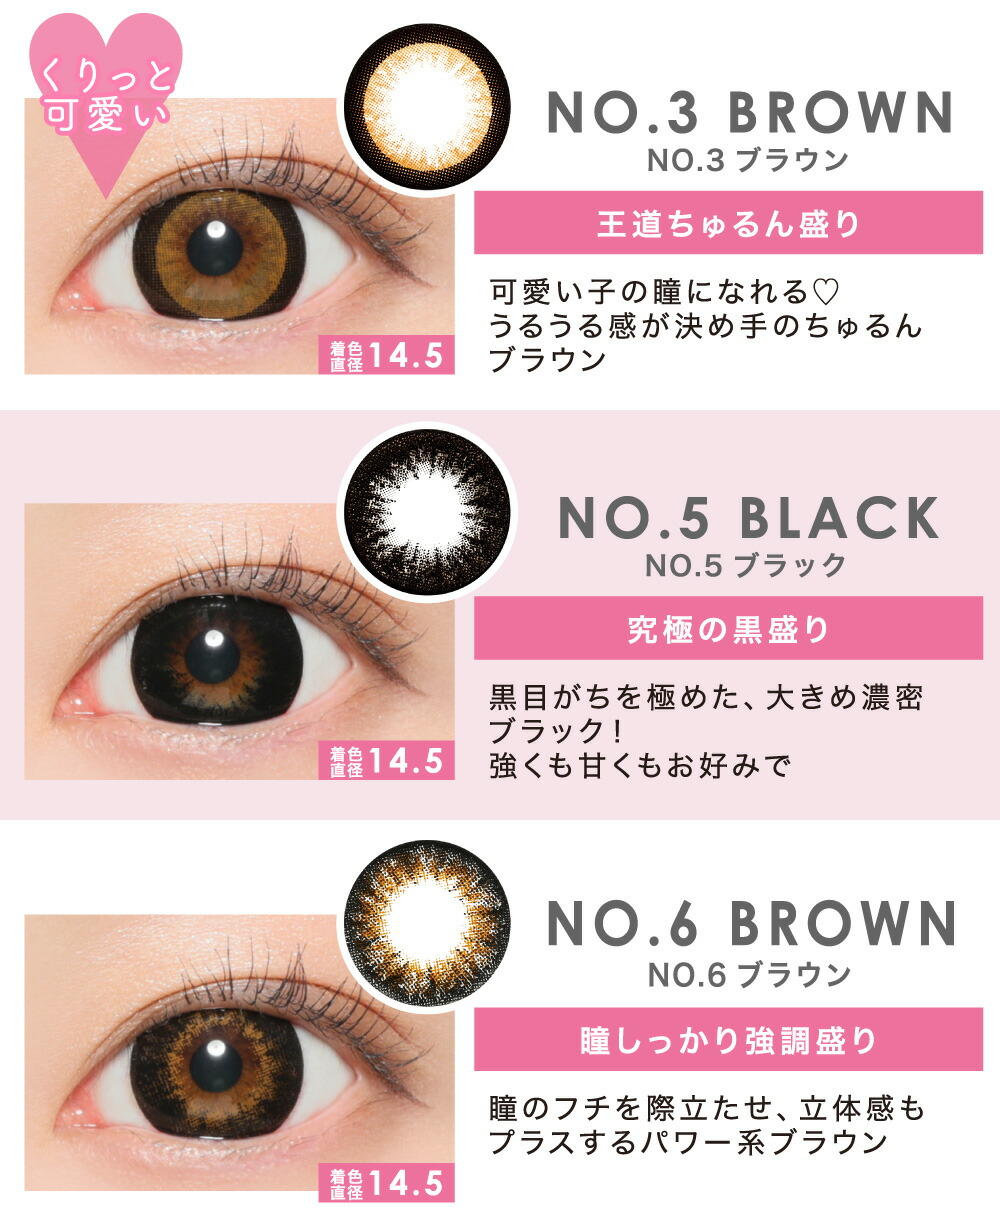 NO.3 BROWN NO.3ブラウン / NO.5 BLACK NO.5ブラック / NO.6 BROWN NO.6ブラウン